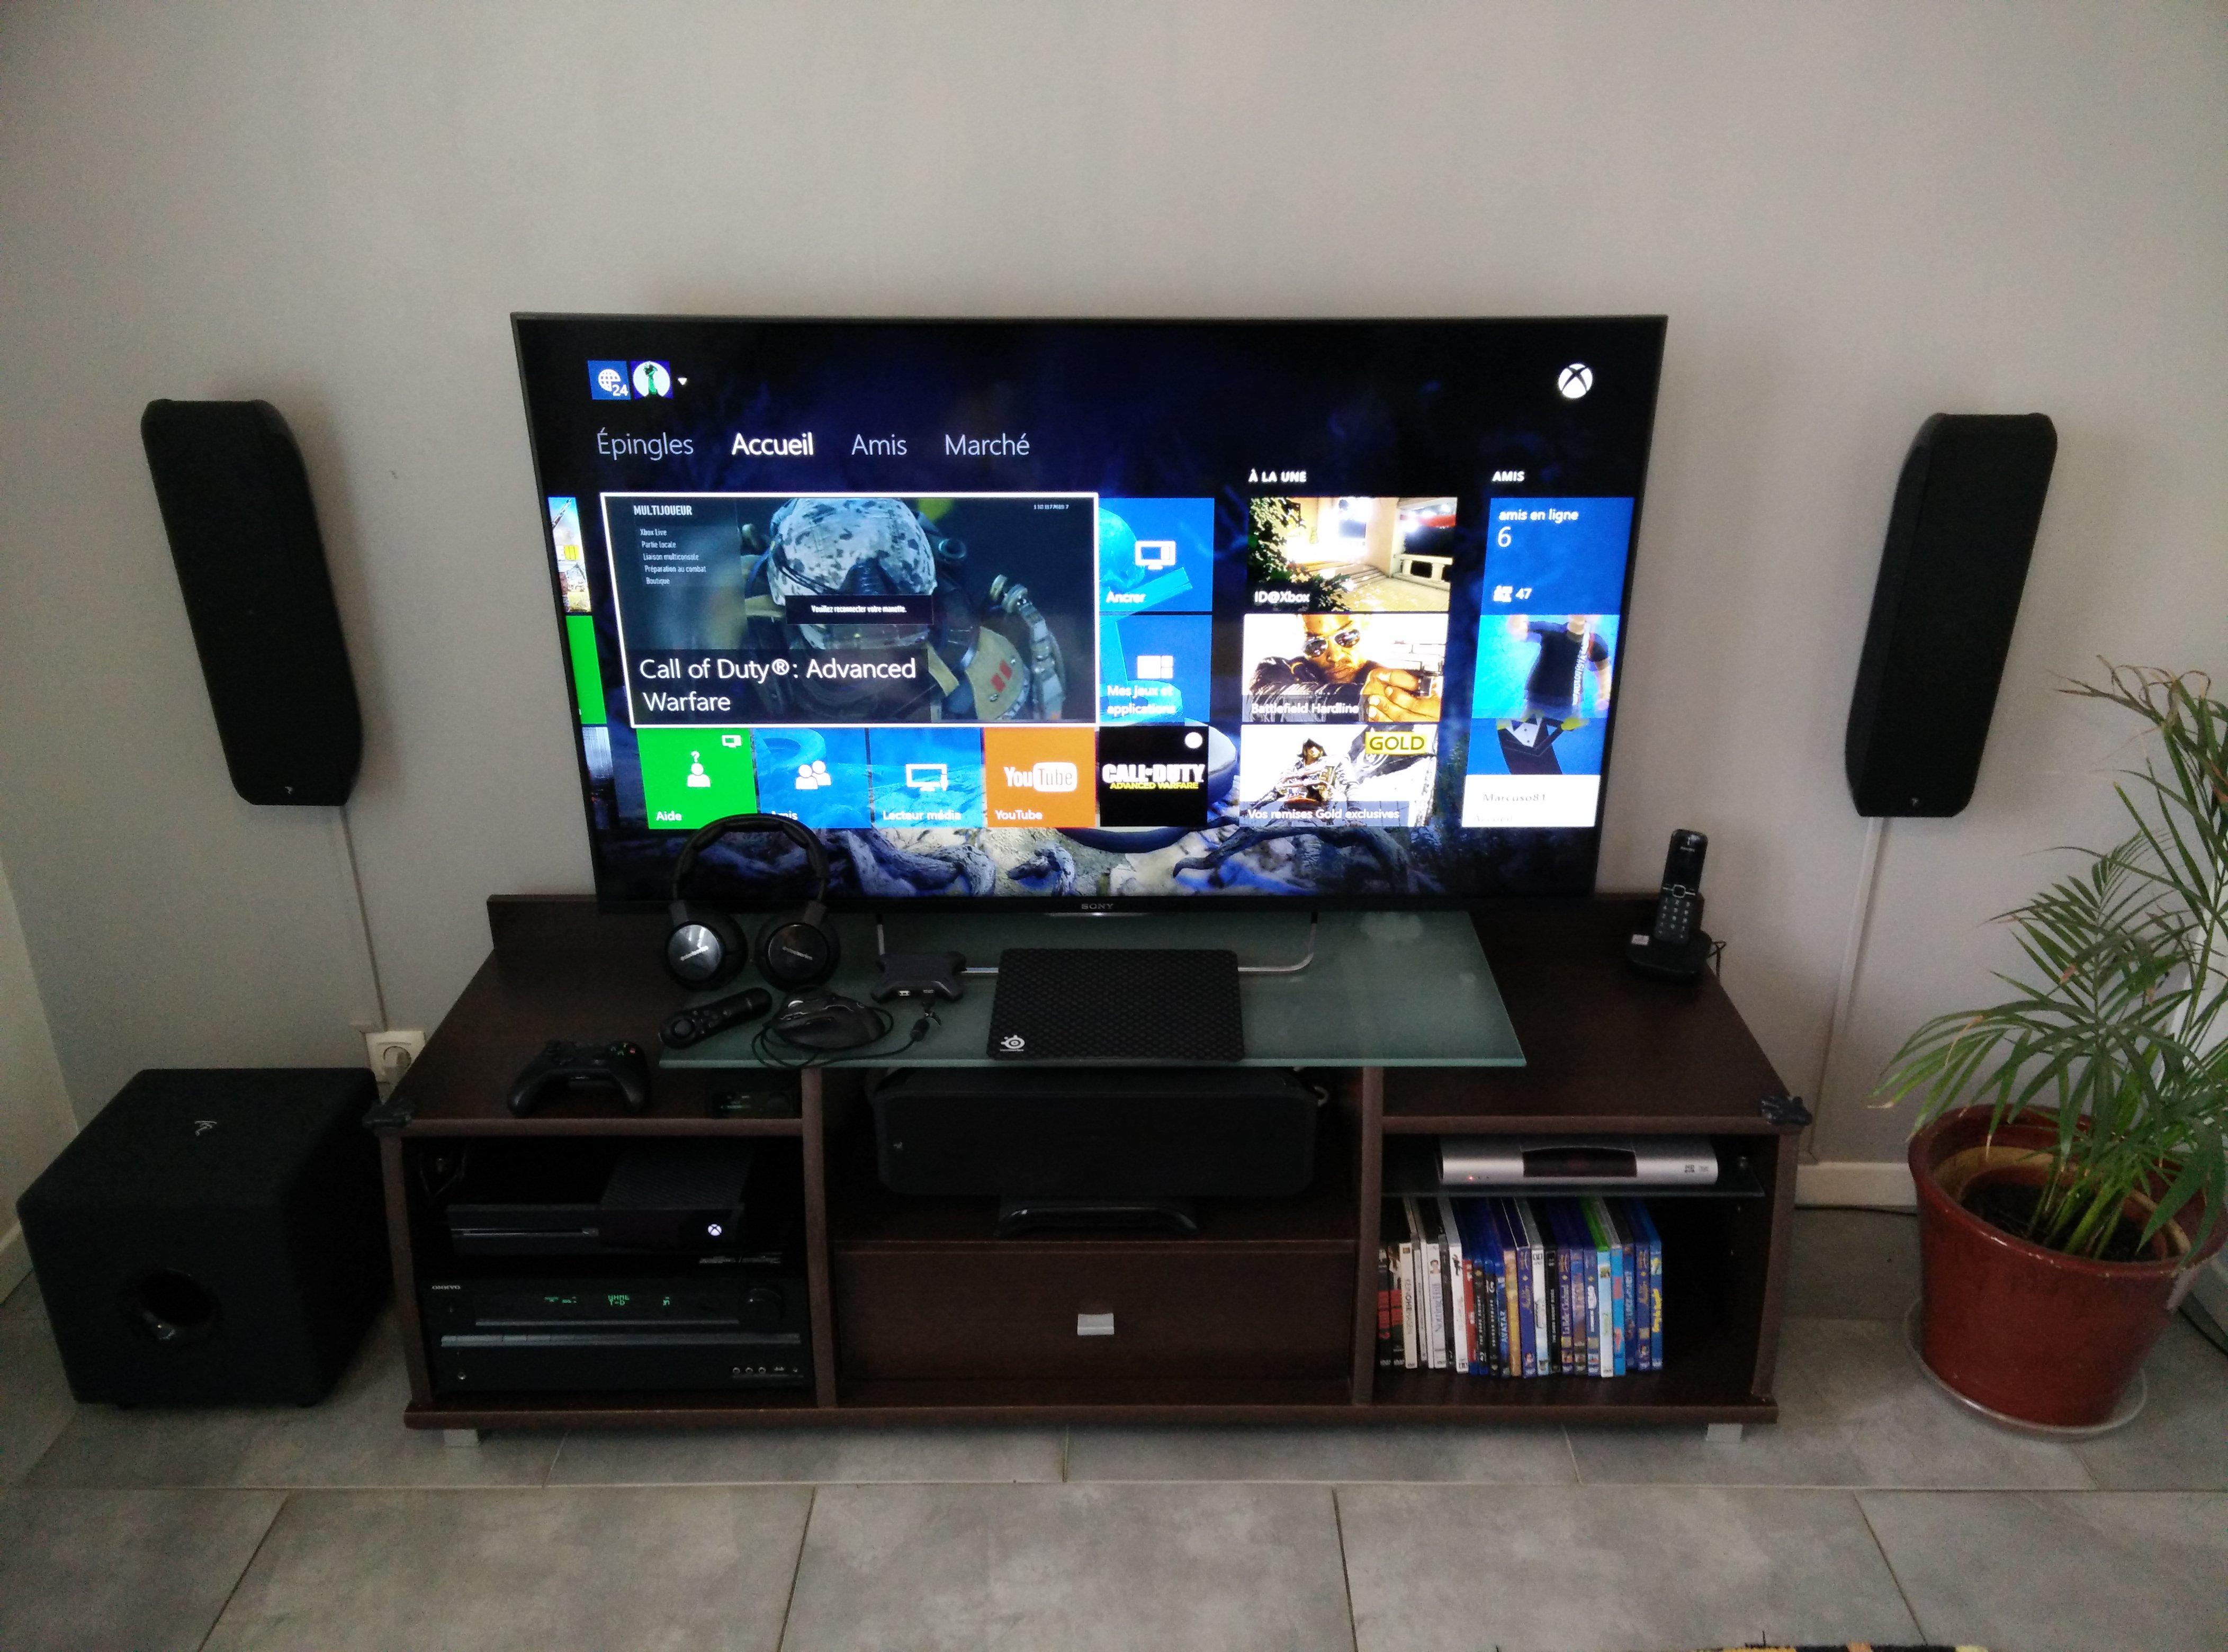 Votre Petit Coin Gamer Sur Le Forum Xbox One 09 08 2012 11 11 31  # Meuble Tv Gamer